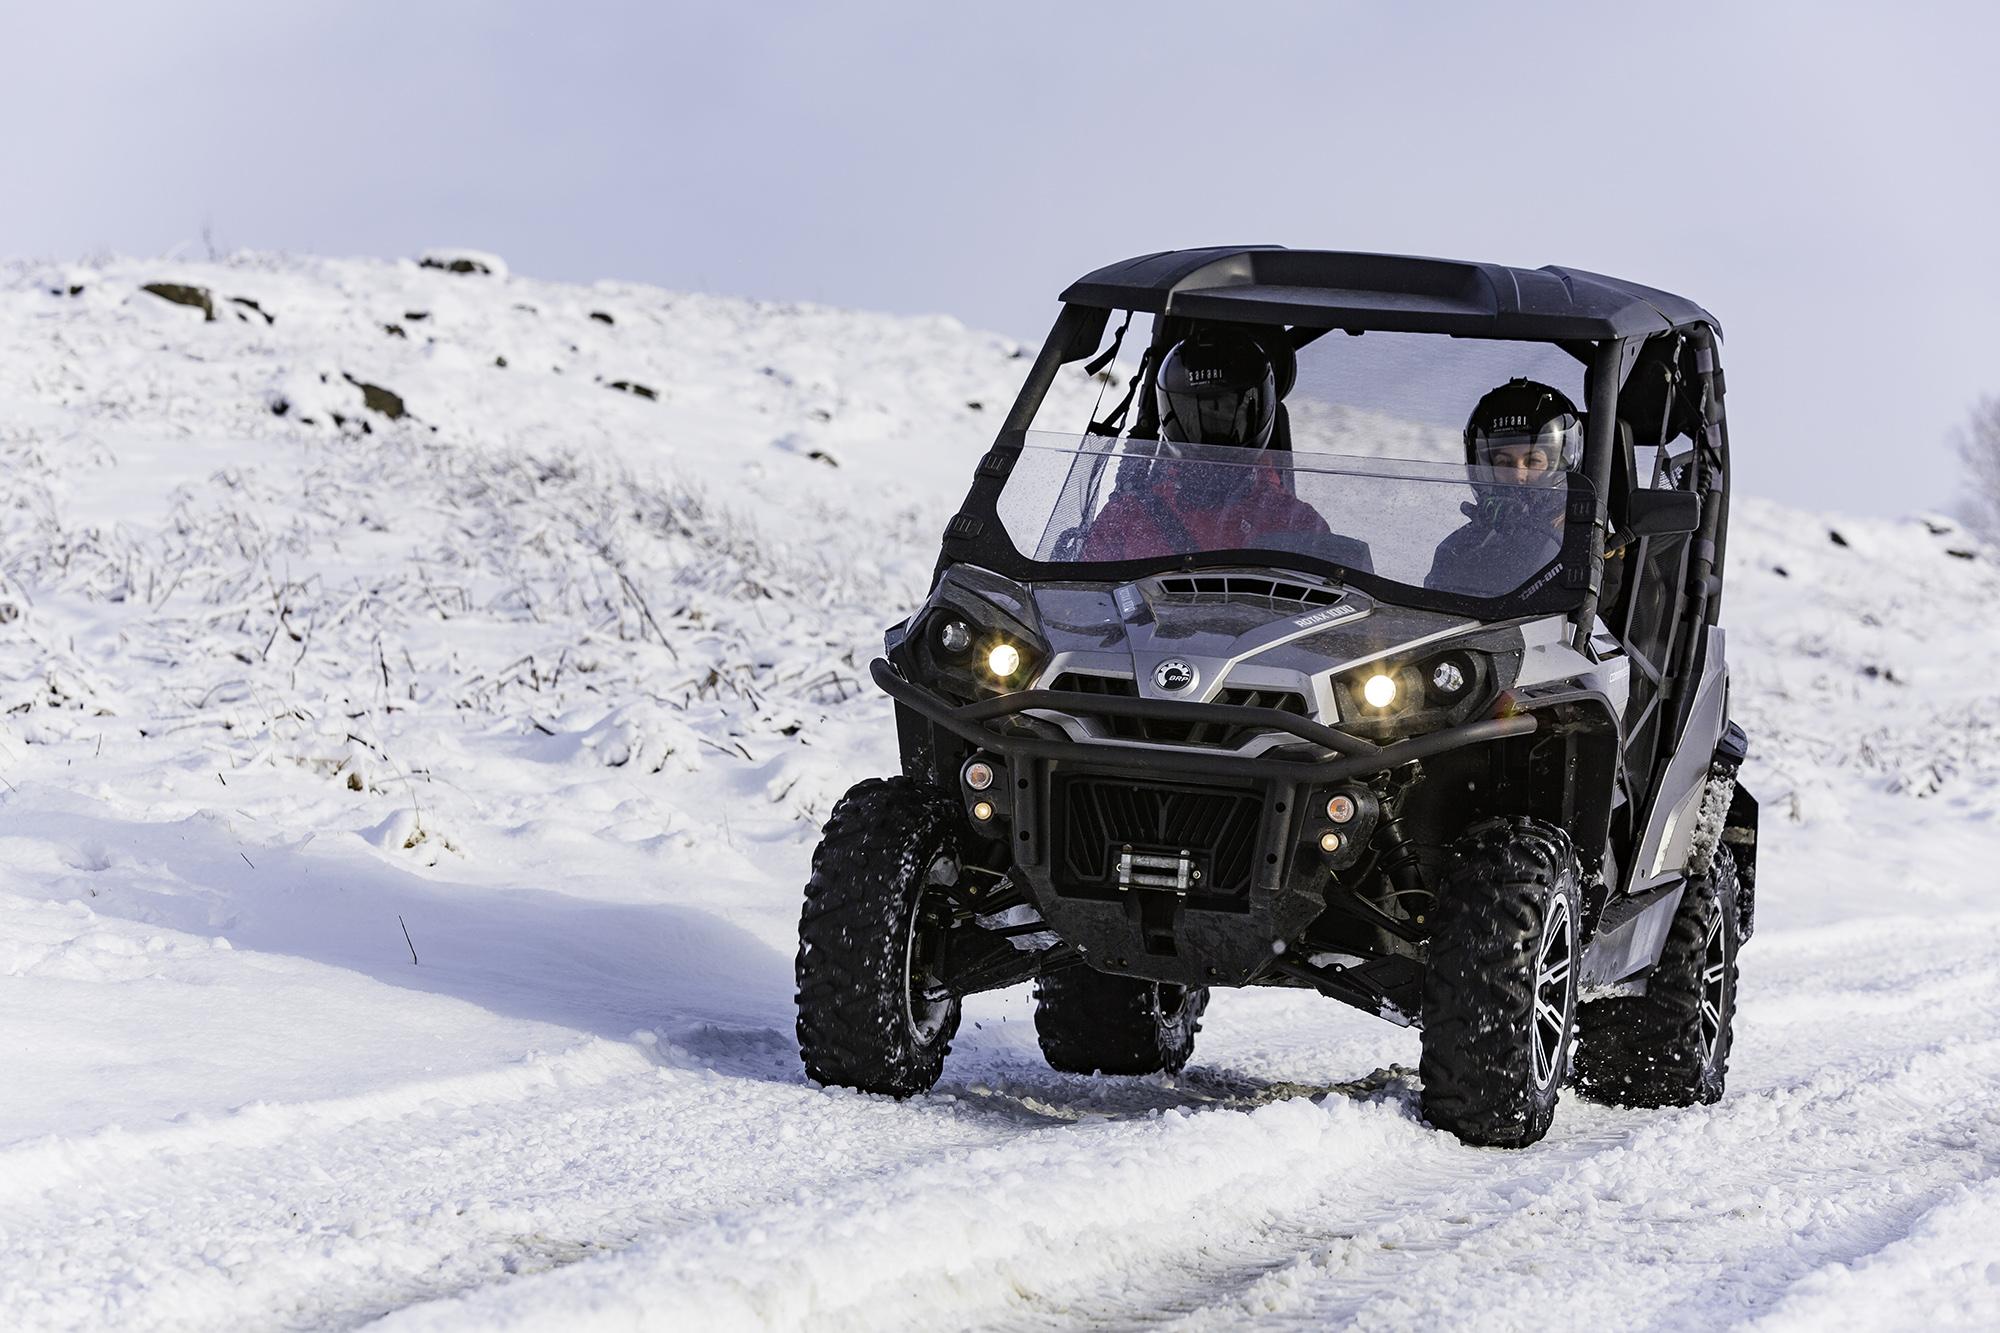 全地形越野车可以征服冰岛的所有地貌!